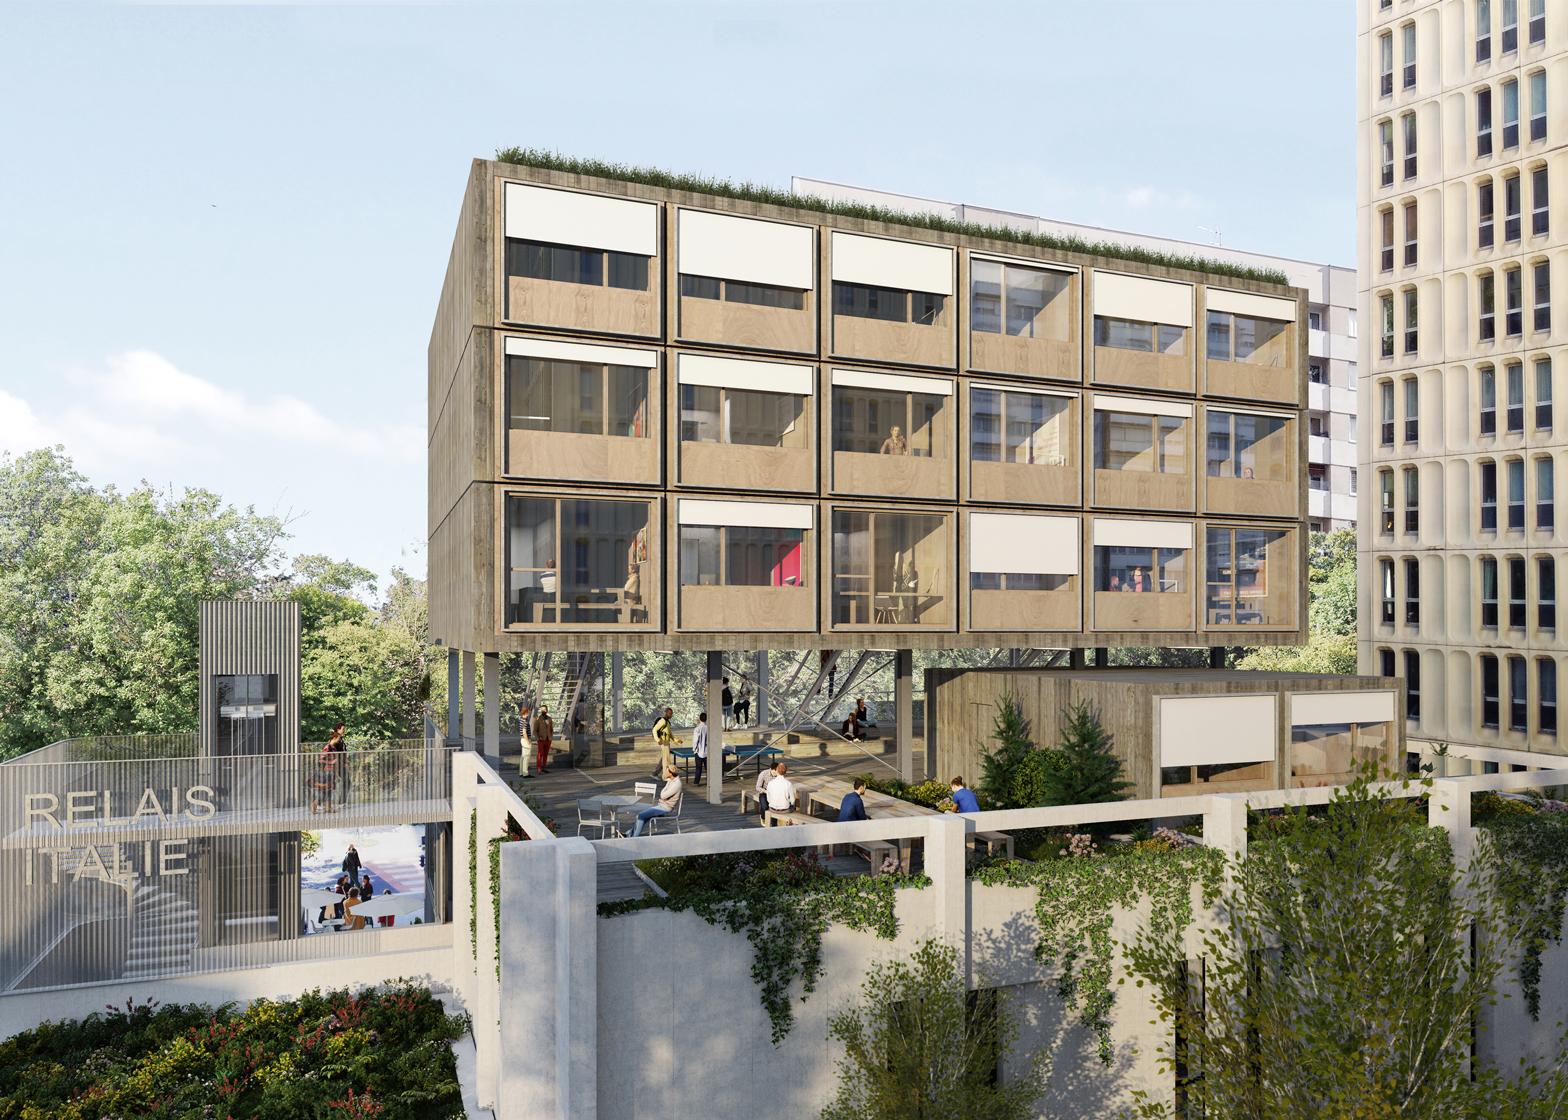 Conservatoire by Pablo Katz Architecture